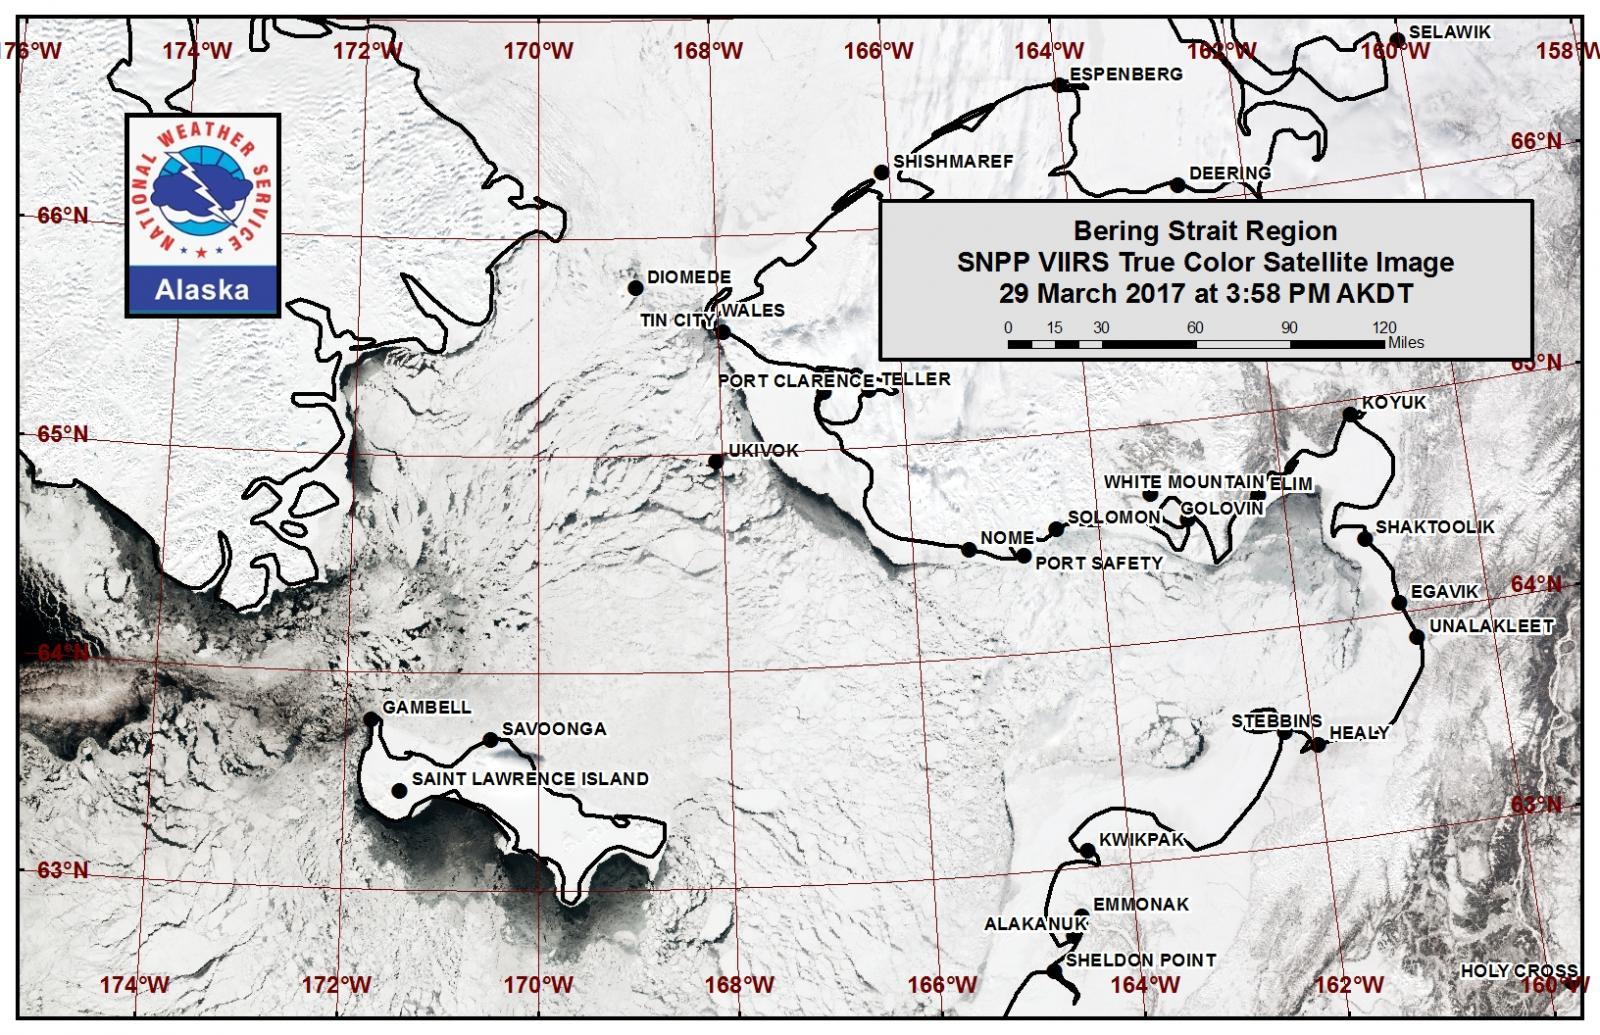 Bering Strait region true color satellite image